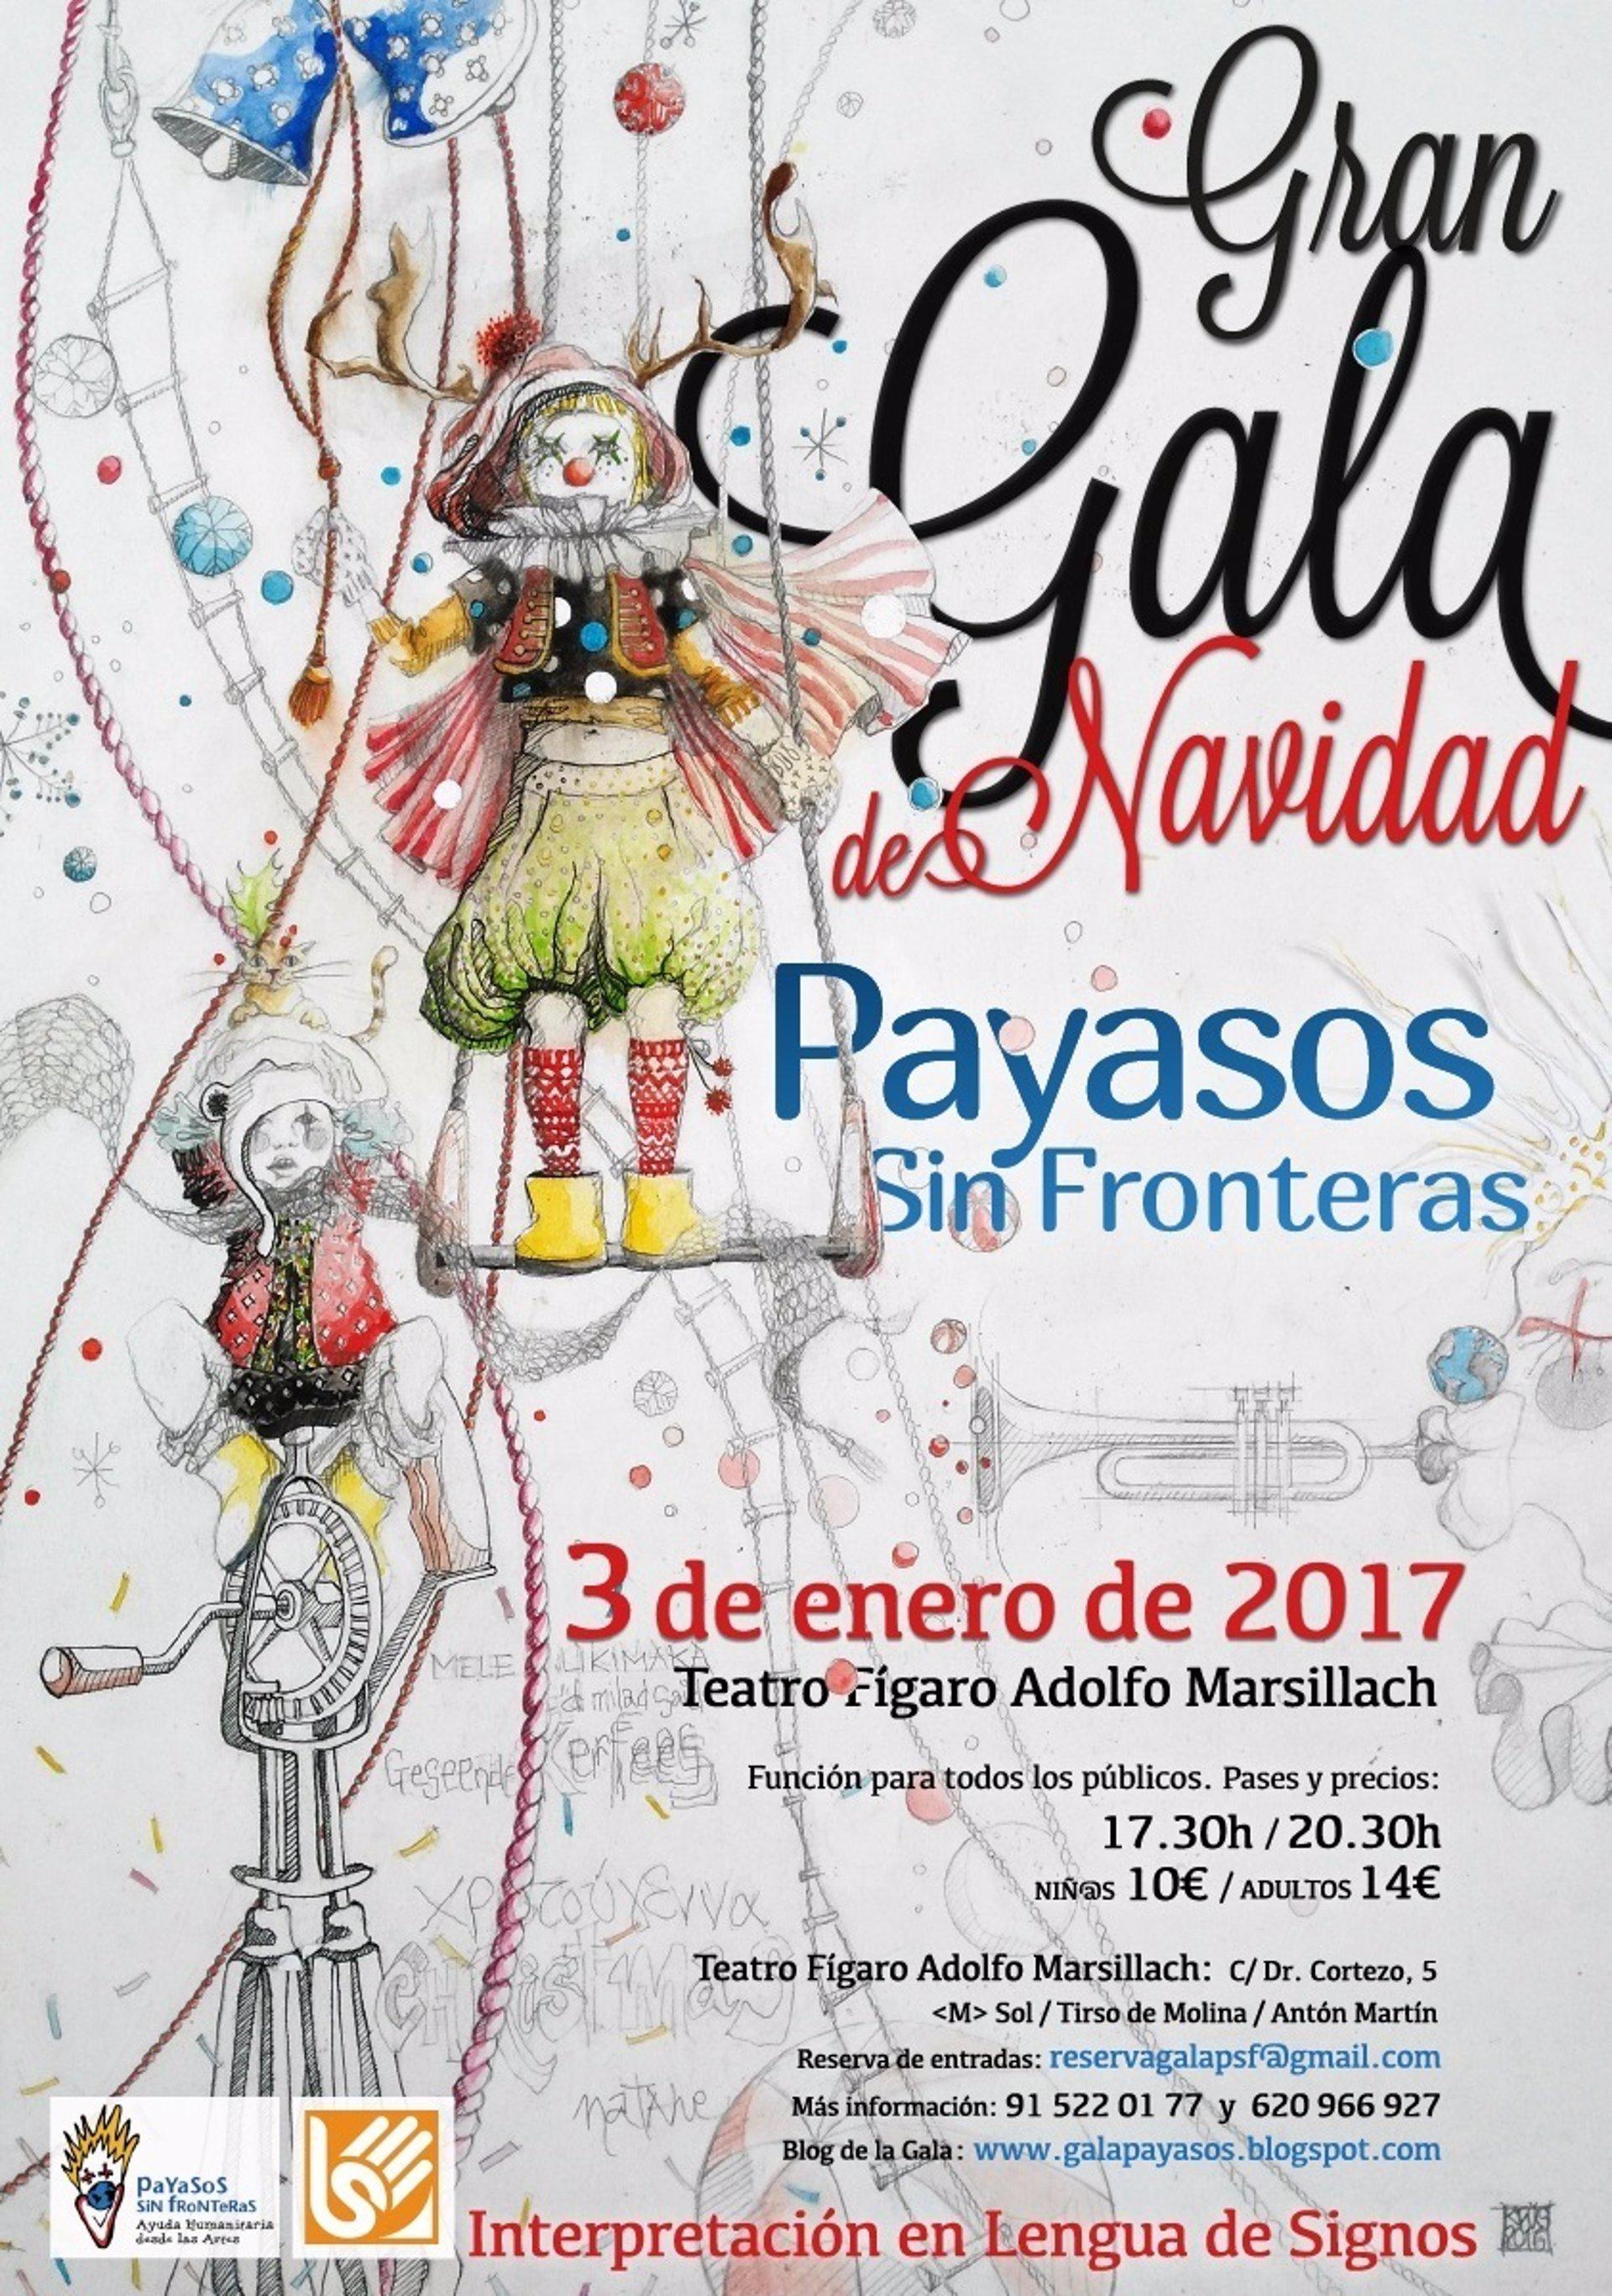 Payasos sin fronteras celebrar su gran gala de navidad el for Teatro figaro adolfo marsillach